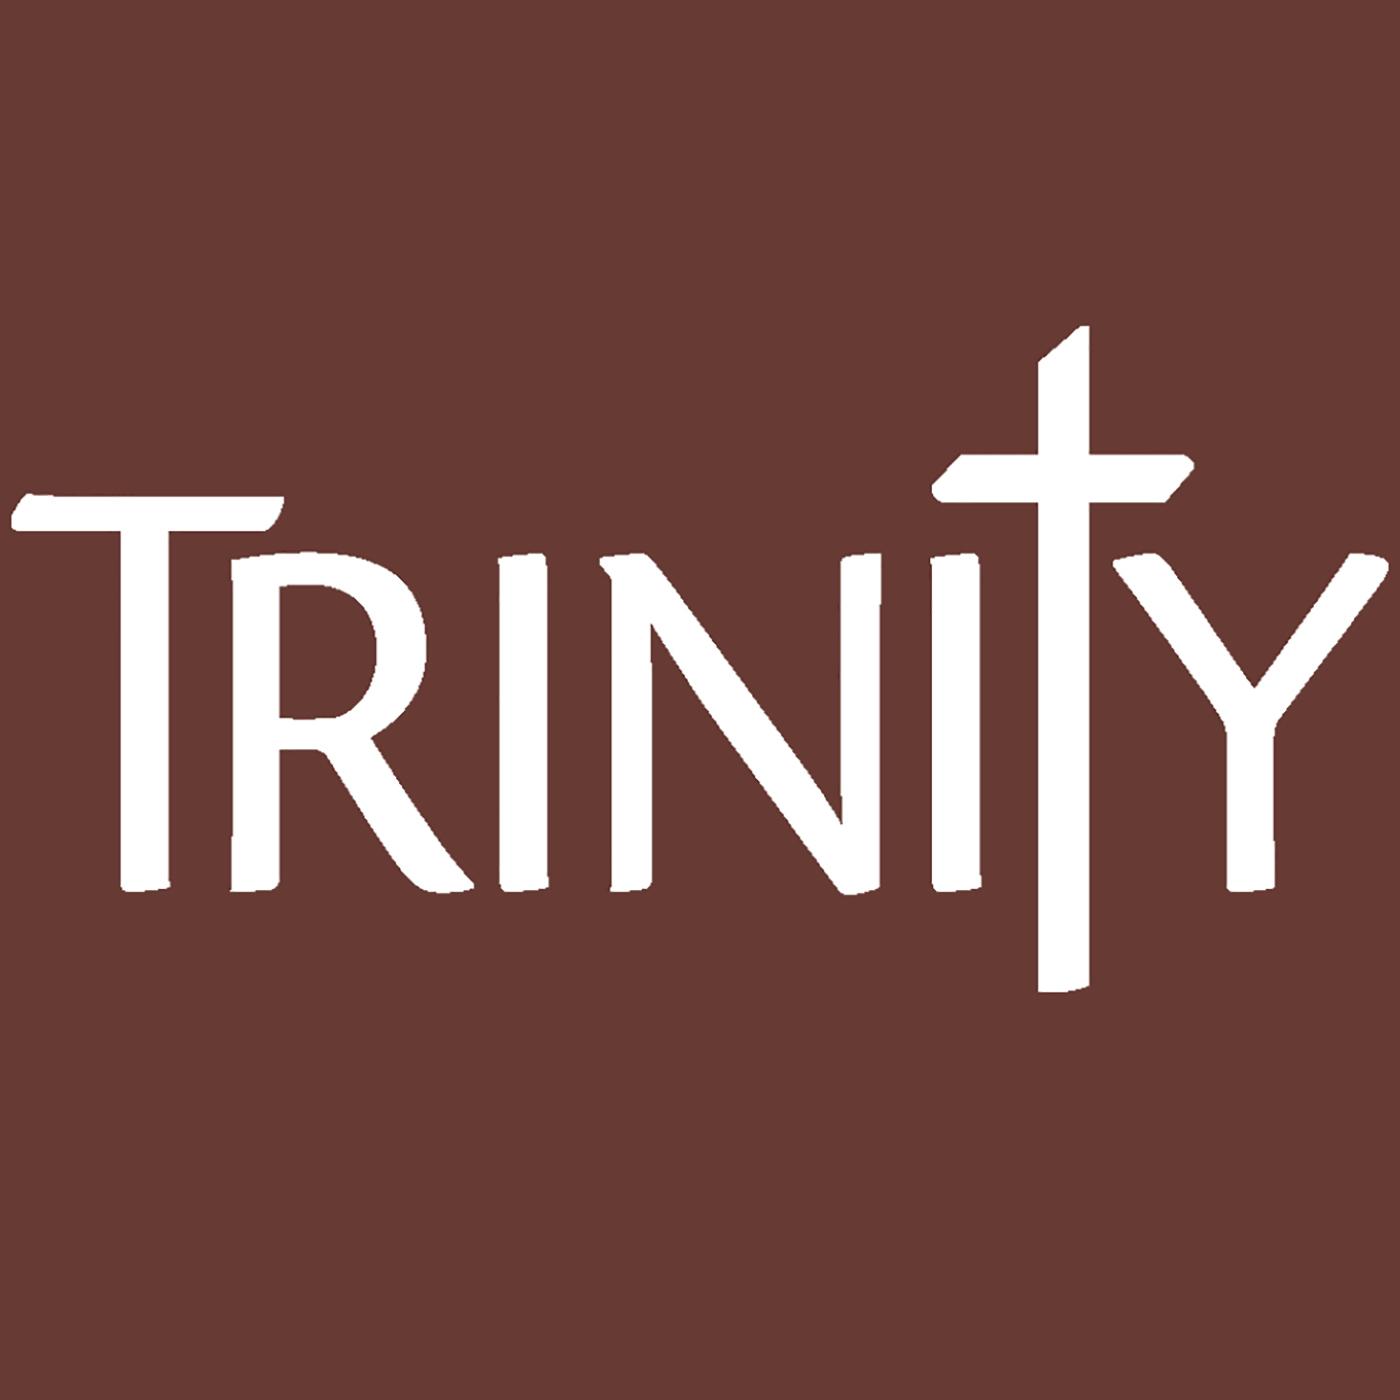 Trinity Walla Walla - Sermon Podcast